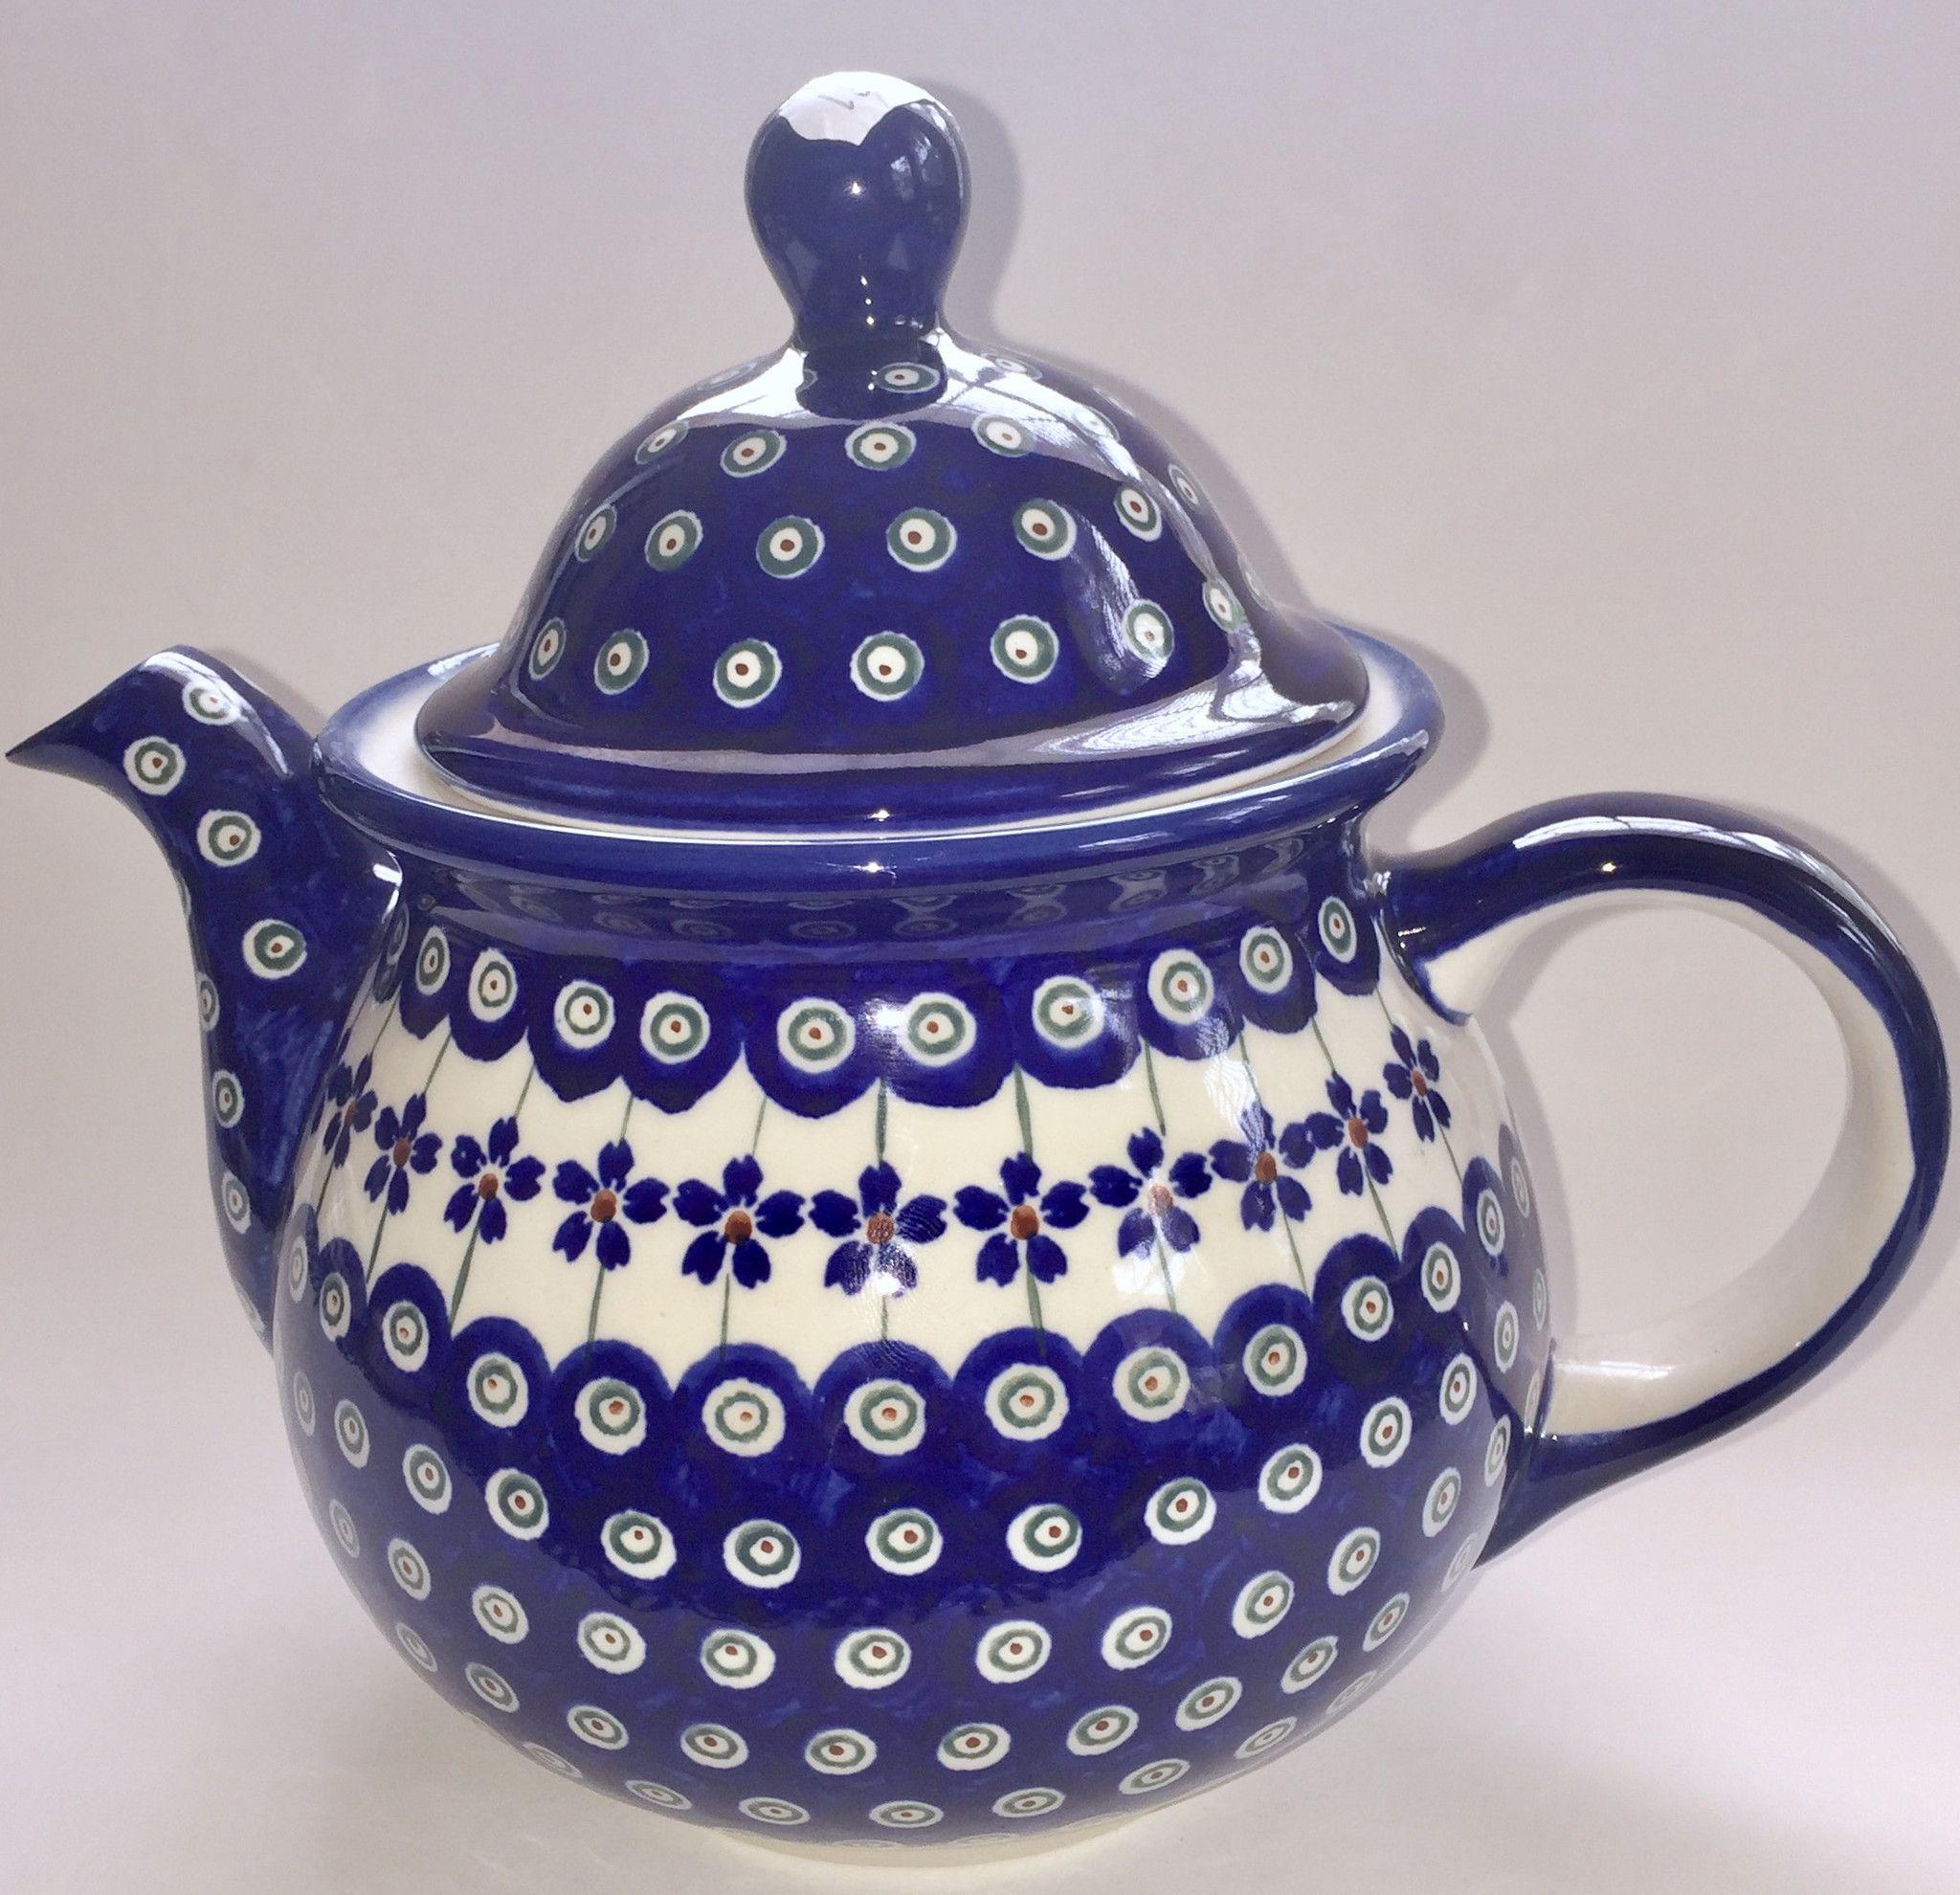 Tea Pot - 57 oz.